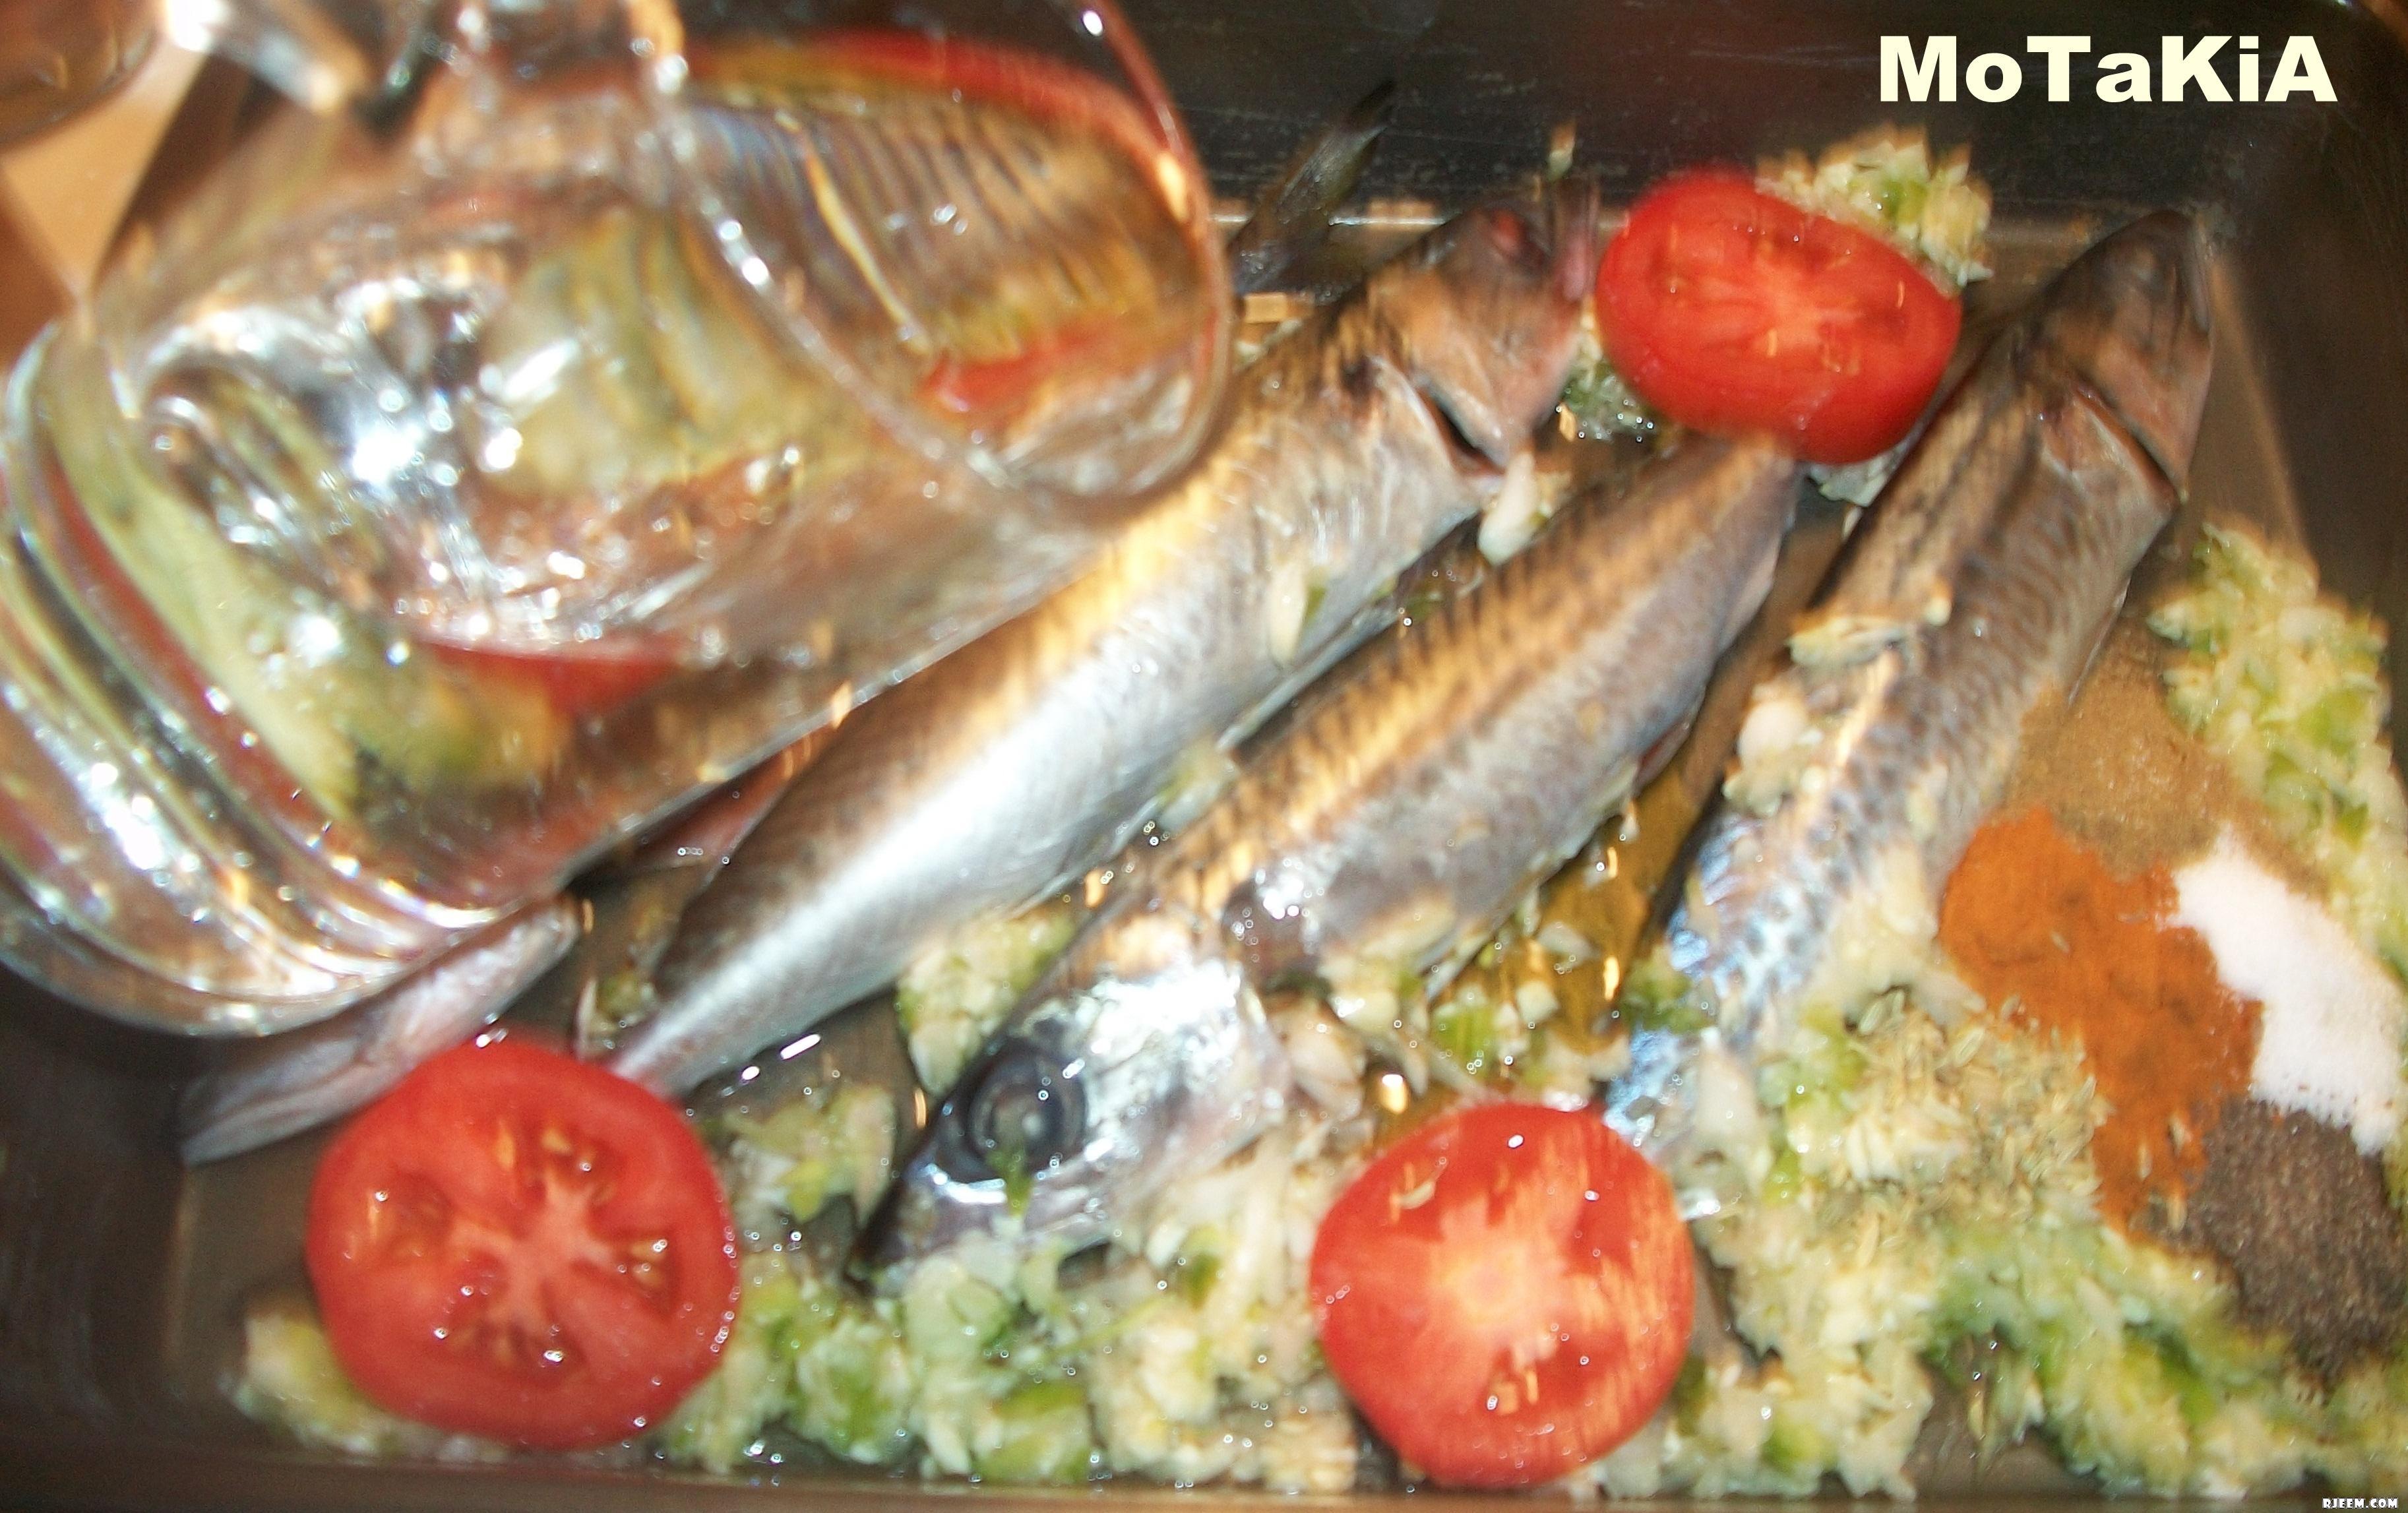 سمك الماكرو في الفرن على طريقتي 13426001613.jpg